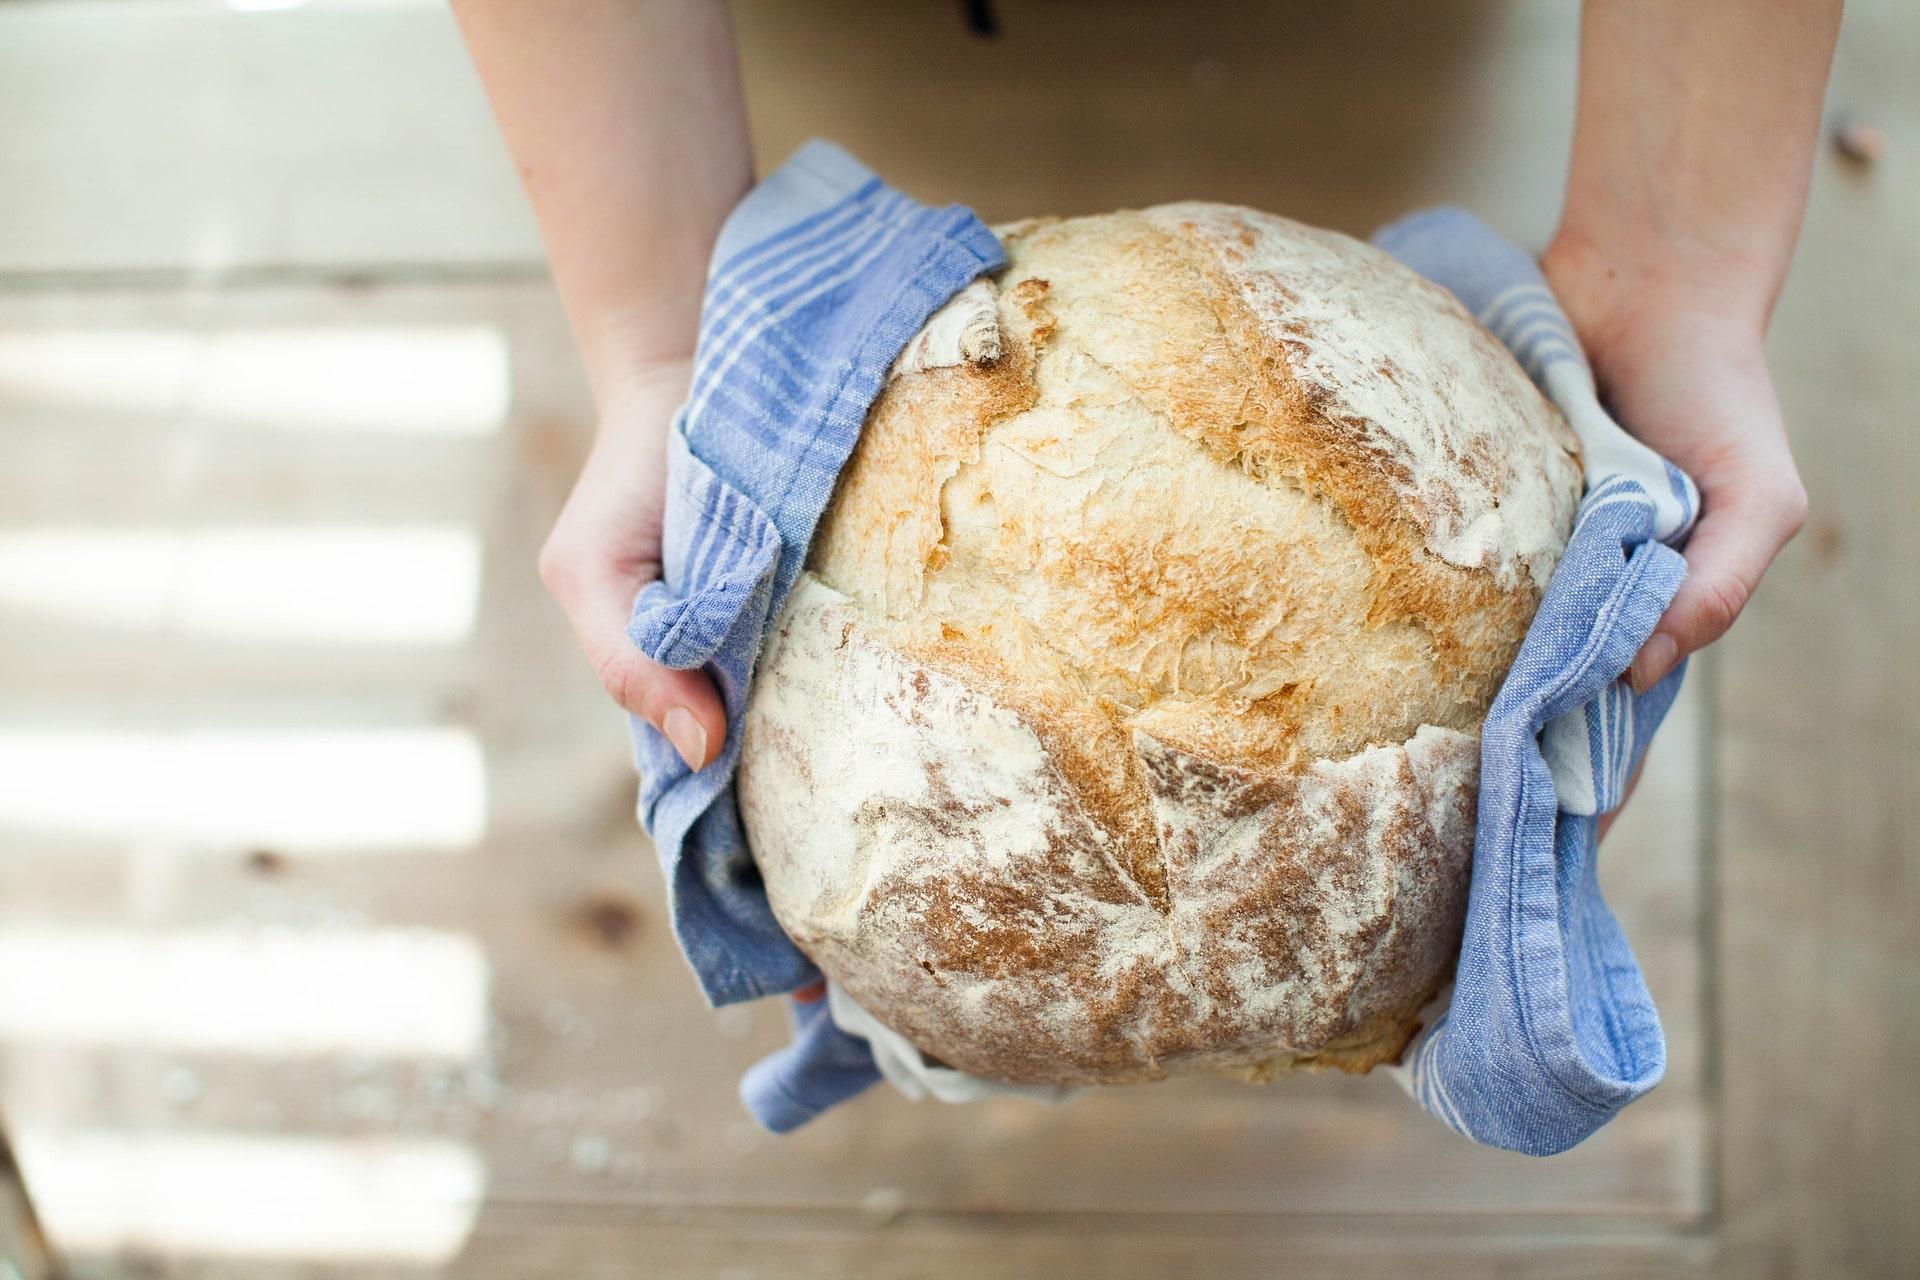 Белый хлеб и мука - что нельзя употреблять при инсулинорезистентности